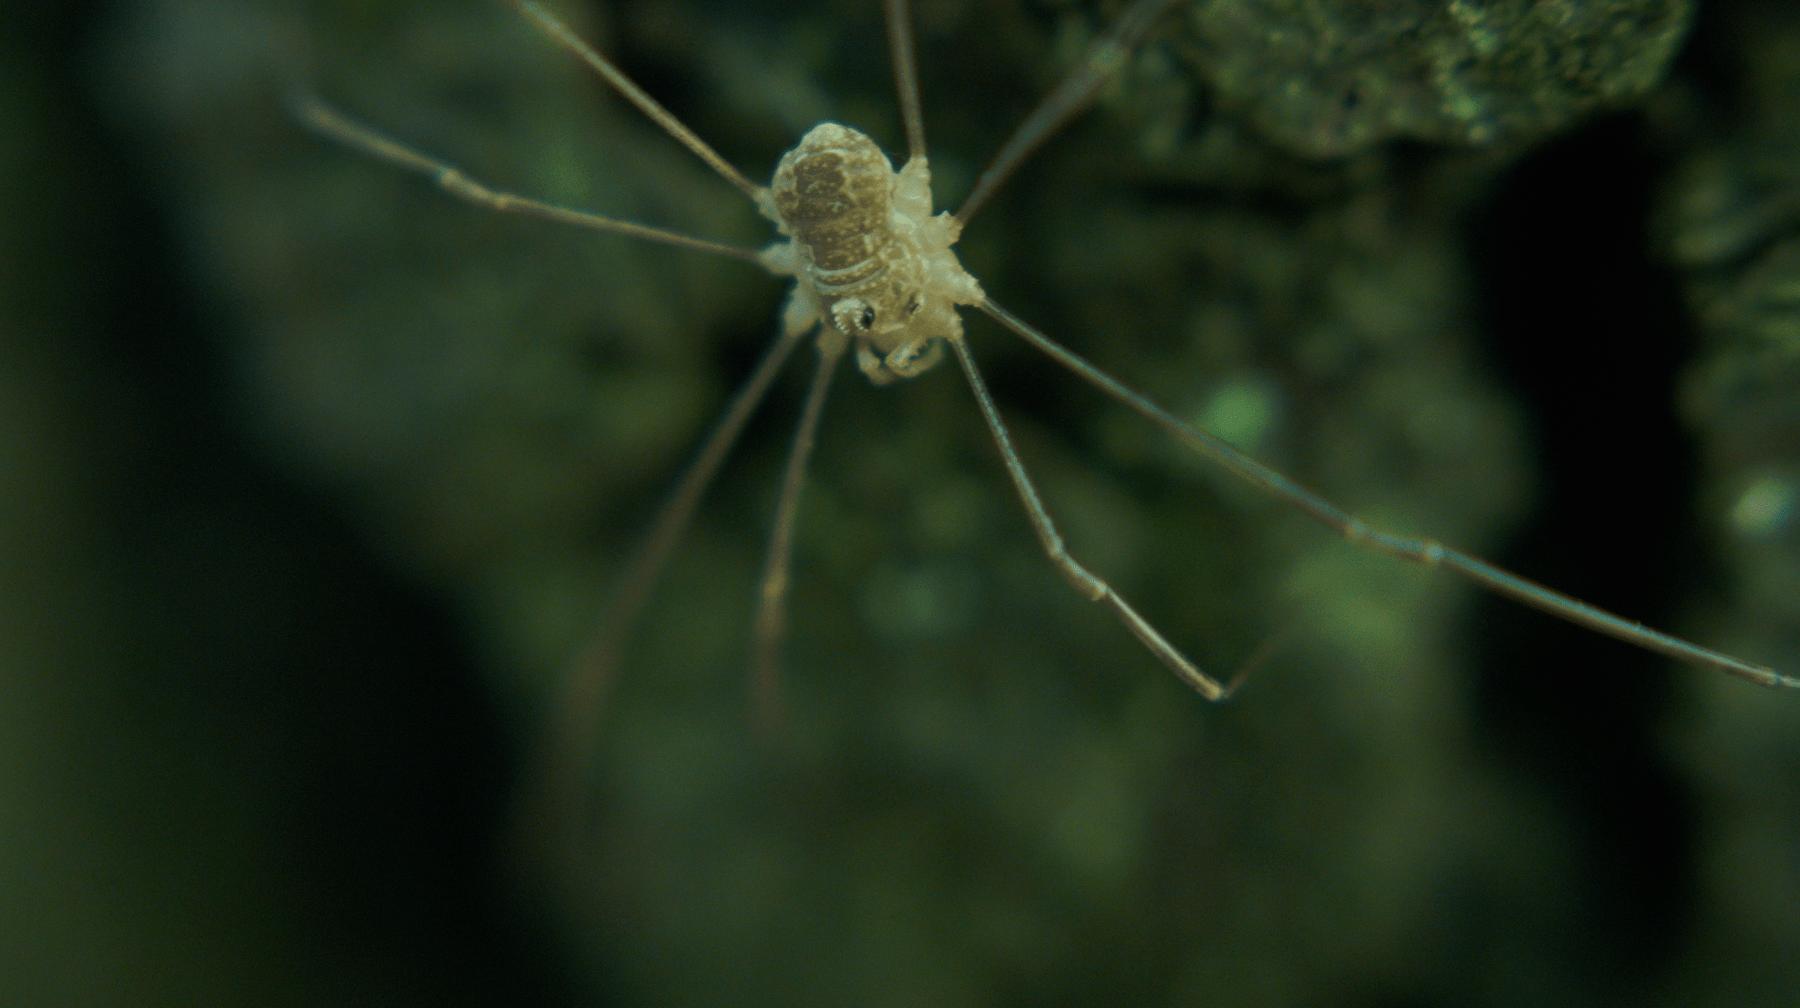 araignée en gros plan, bague macro